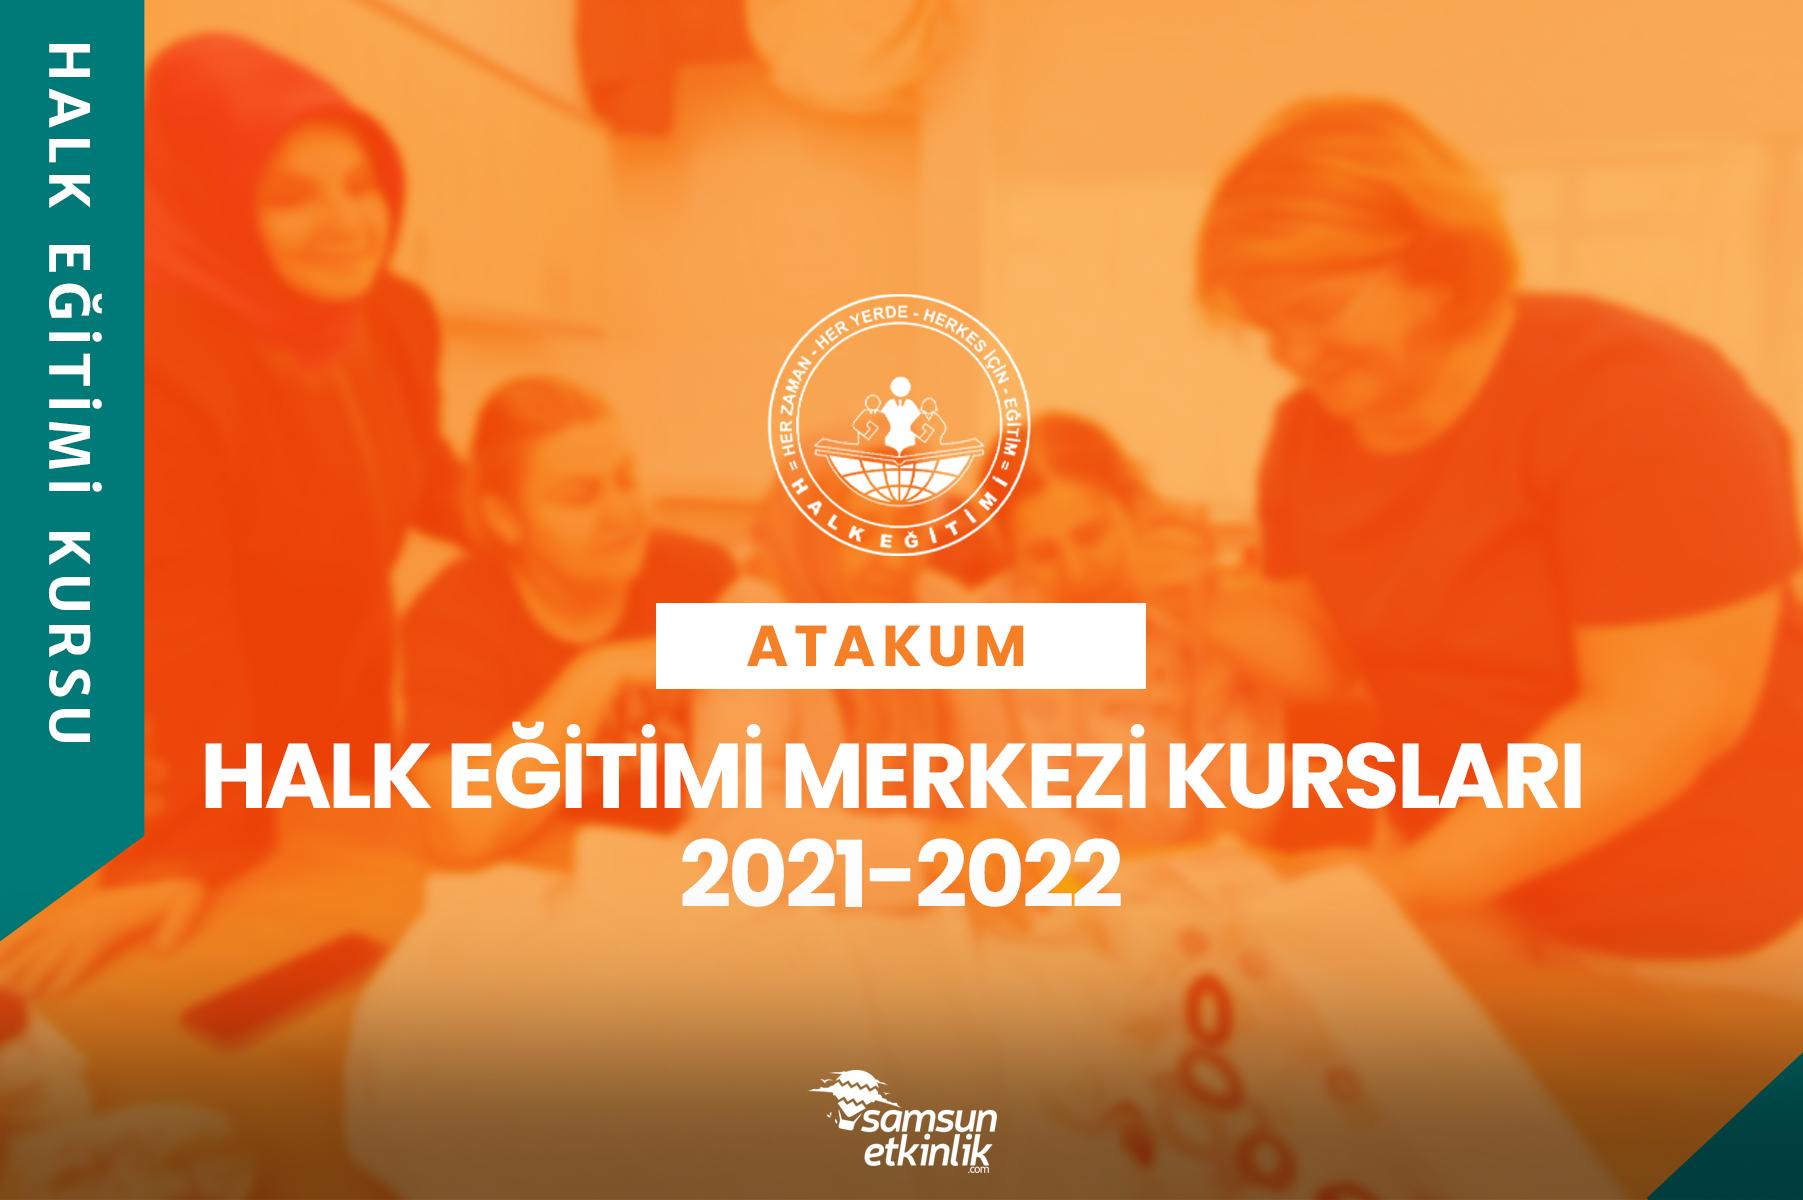 Samsun Atakum Halk Eğitim Merkezi Kursları 2021-2022